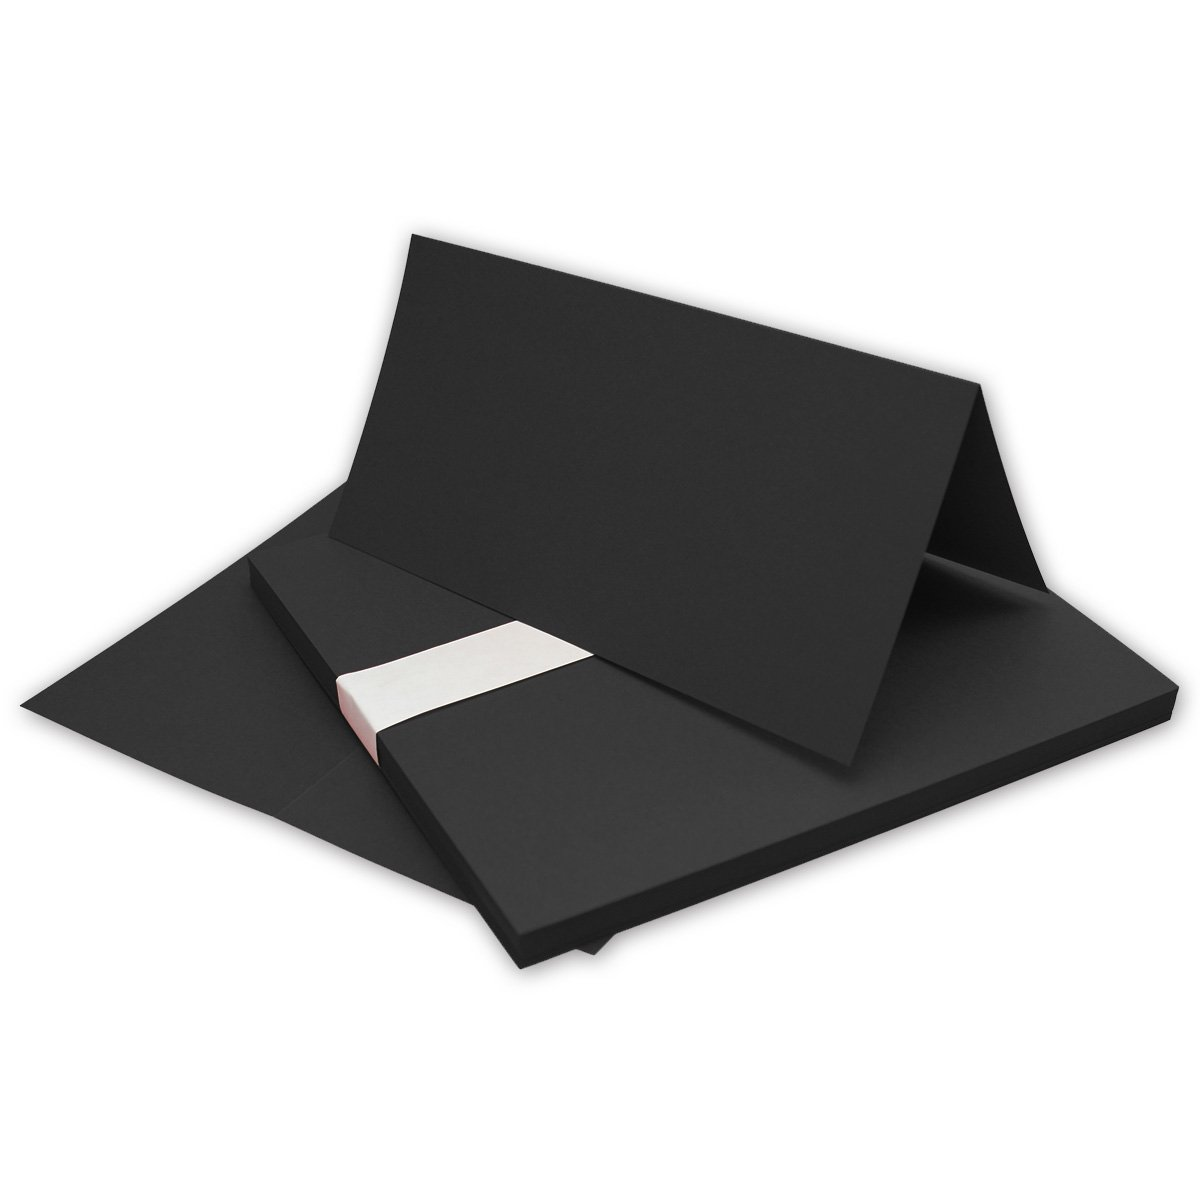 700 Faltkarten Din Lang - Hellgrau Hellgrau Hellgrau - Premium Qualität - 10,5 x 21 cm - Sehr formstabil - für Drucker Geeignet  - Qualitätsmarke  NEUSER FarbenFroh B072N2Y16V | In hohem Grade geschätzt und weit vertrautes herein und heraus  5ac1cc